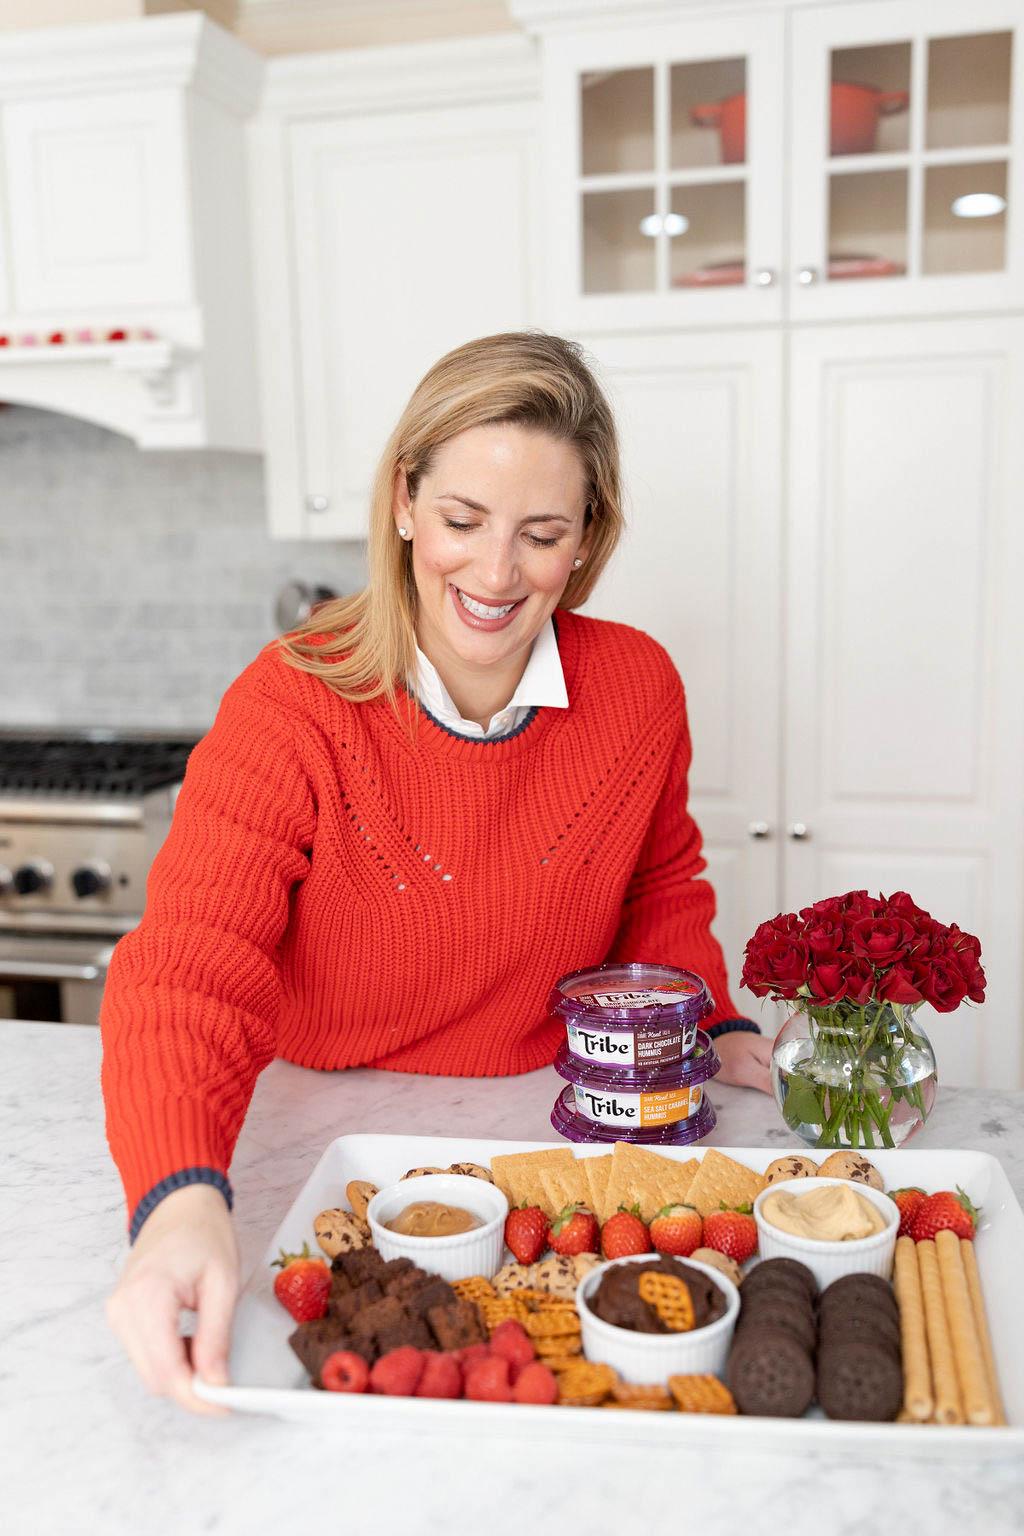 Valentine's Day Dessert Platter with Tribe Hummus